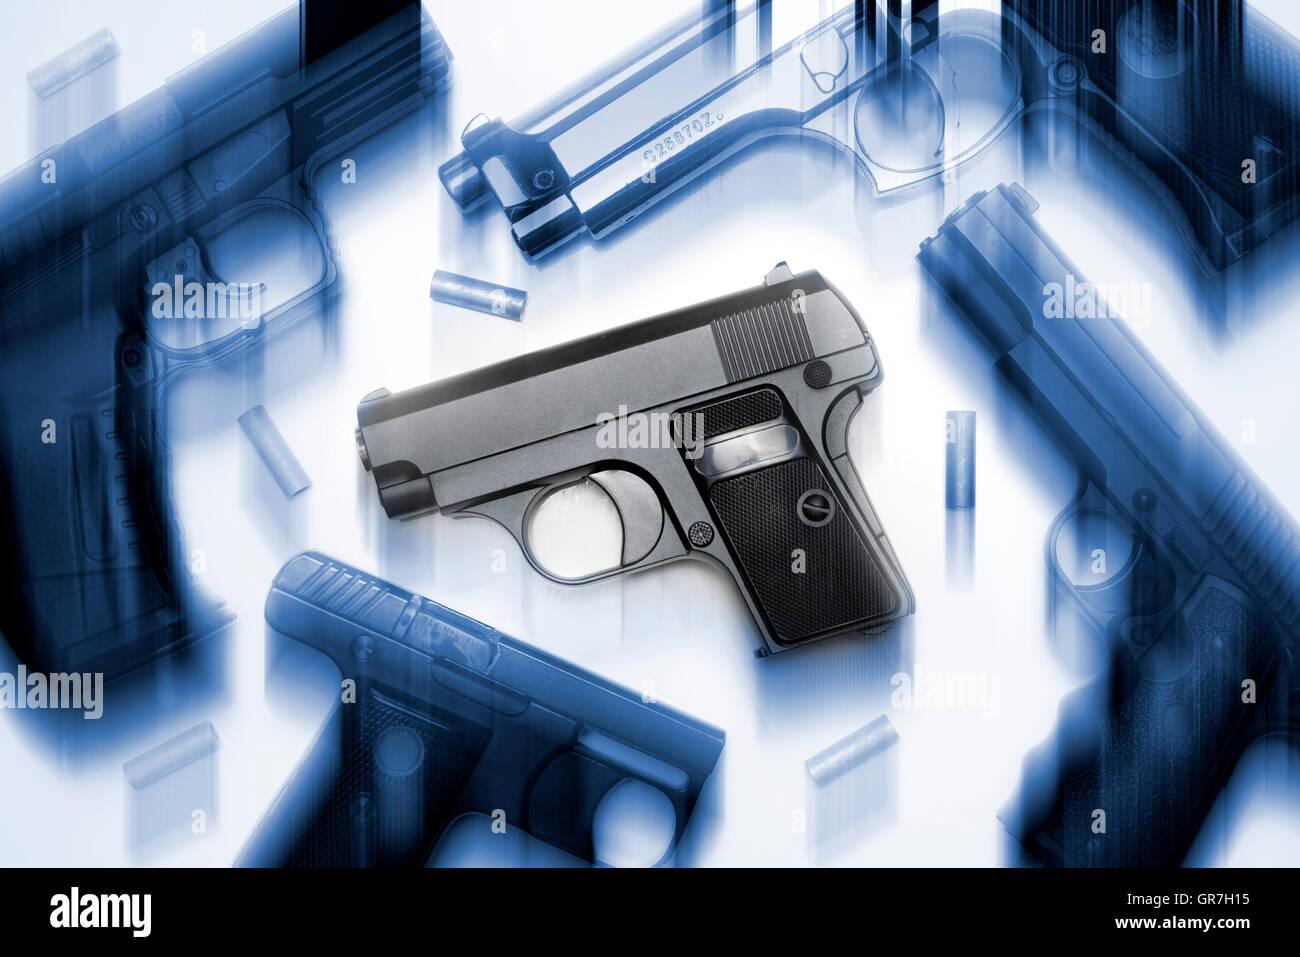 Gas-Pistolen und Gewehre Stockbild